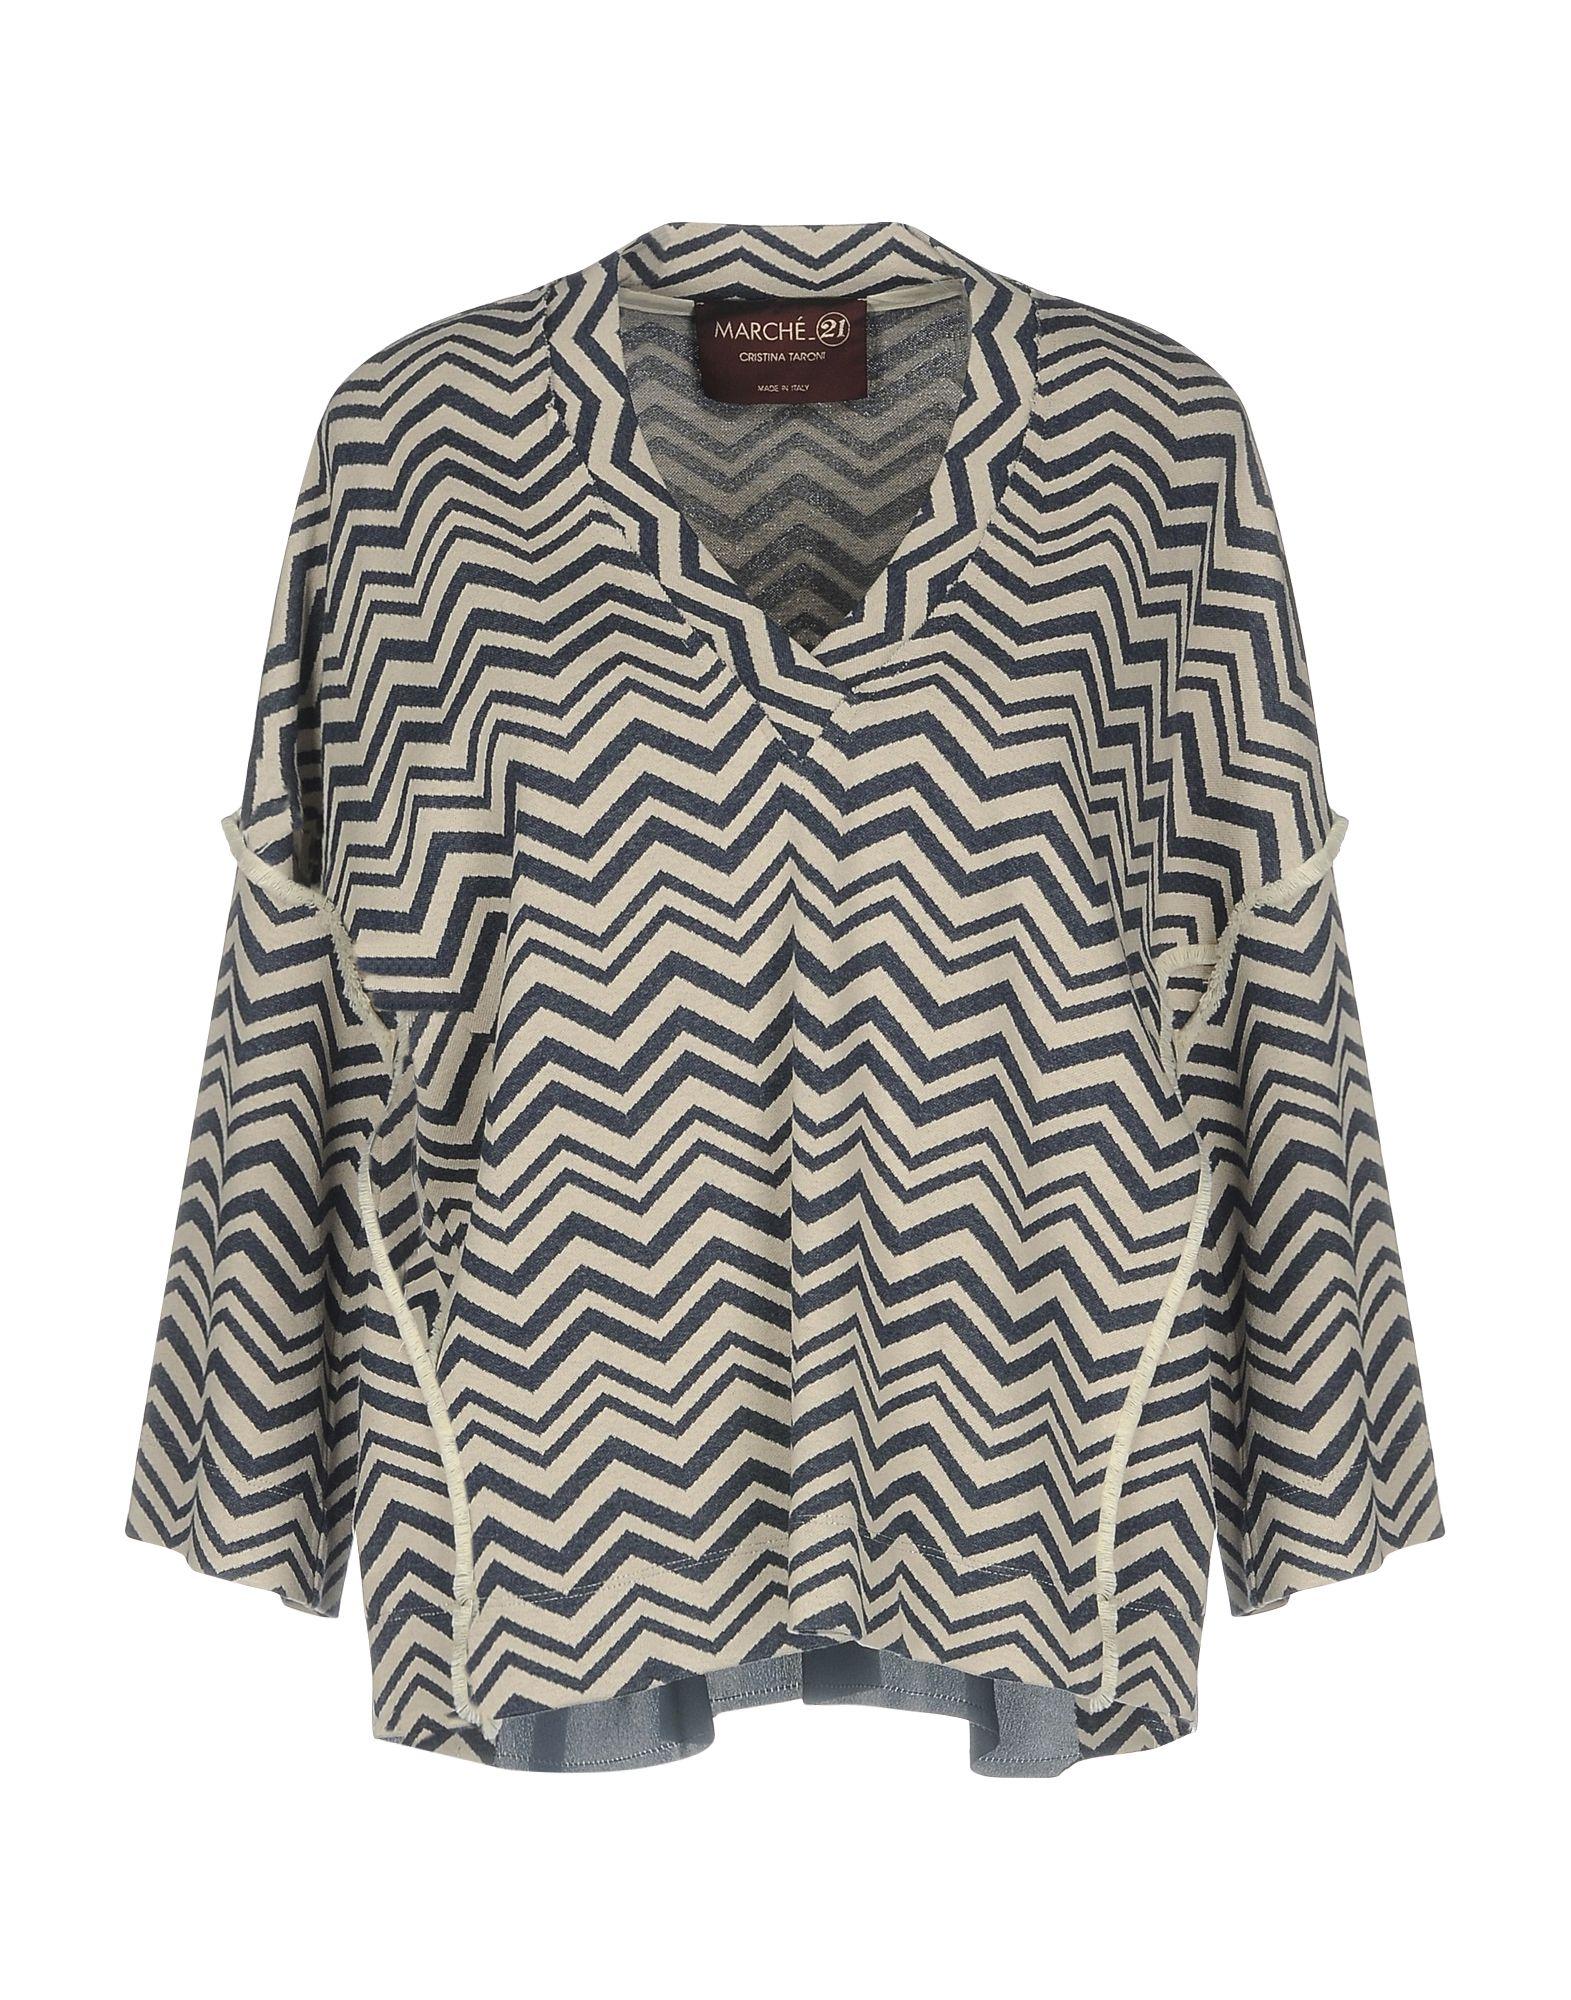 T-Shirt Marché_21 Donna - Acquista online su QBjLdX5Y